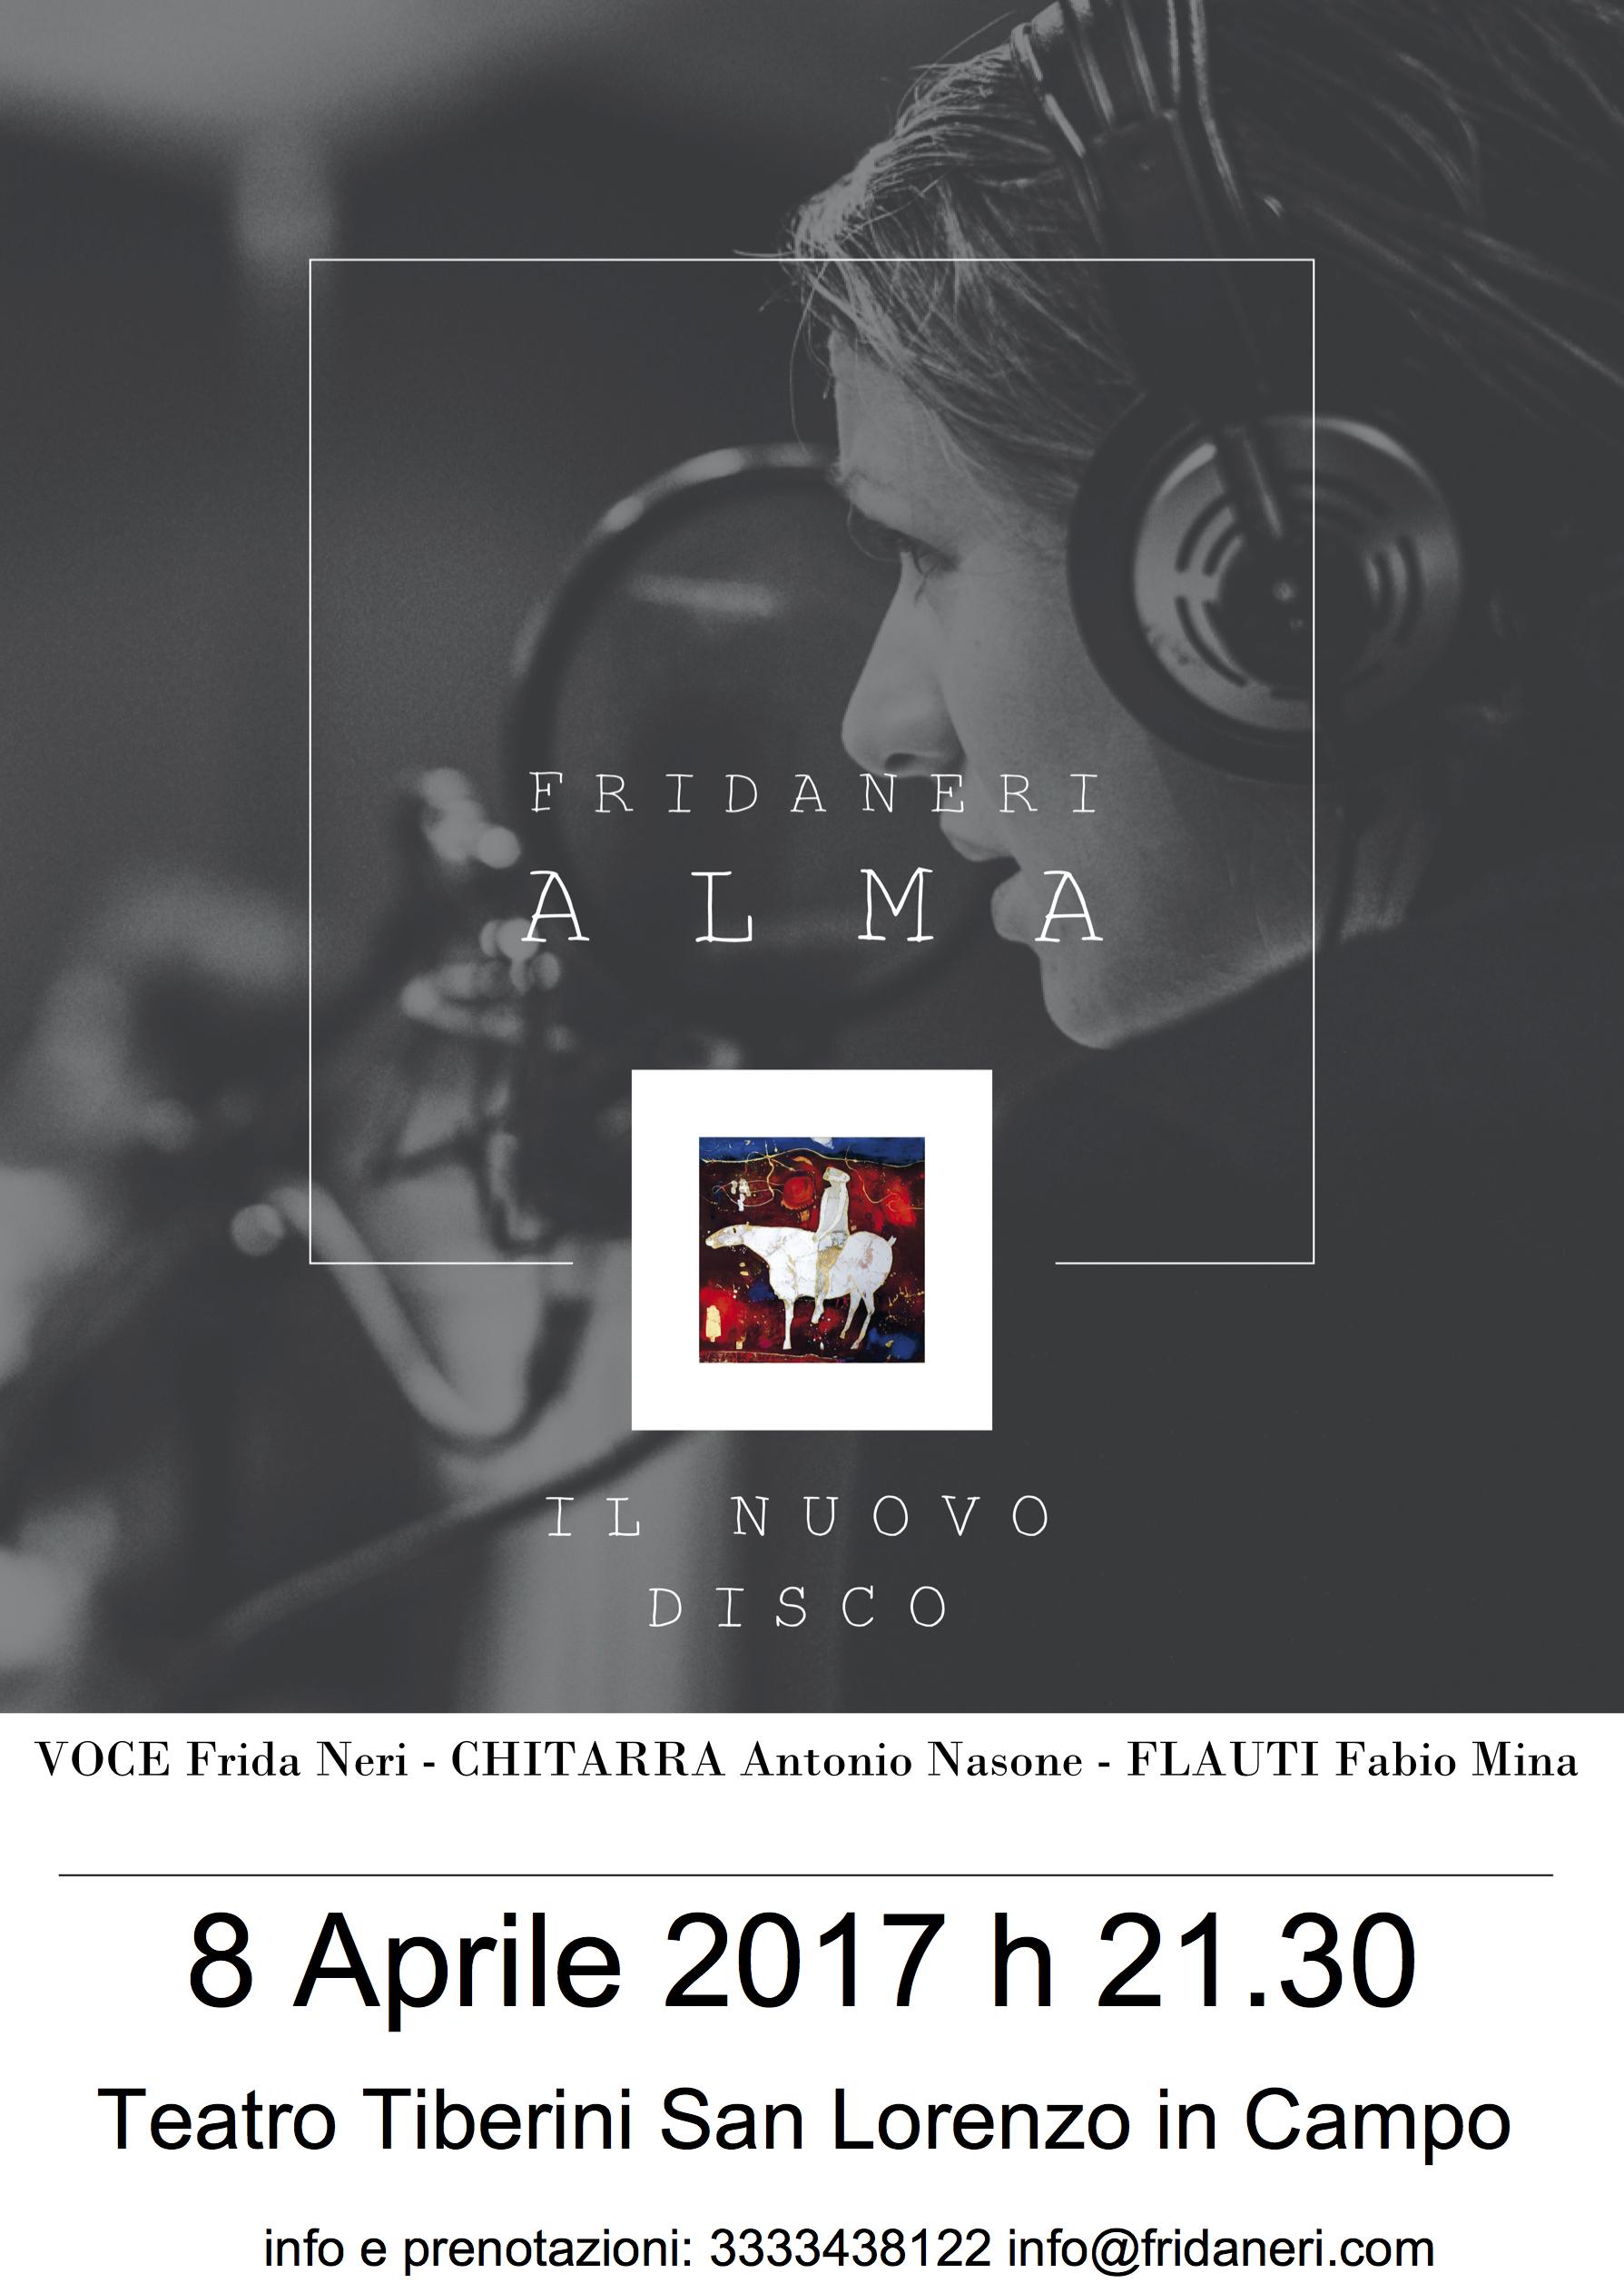 """Frida Neri presenta il nuovo disco """"ALMA"""""""